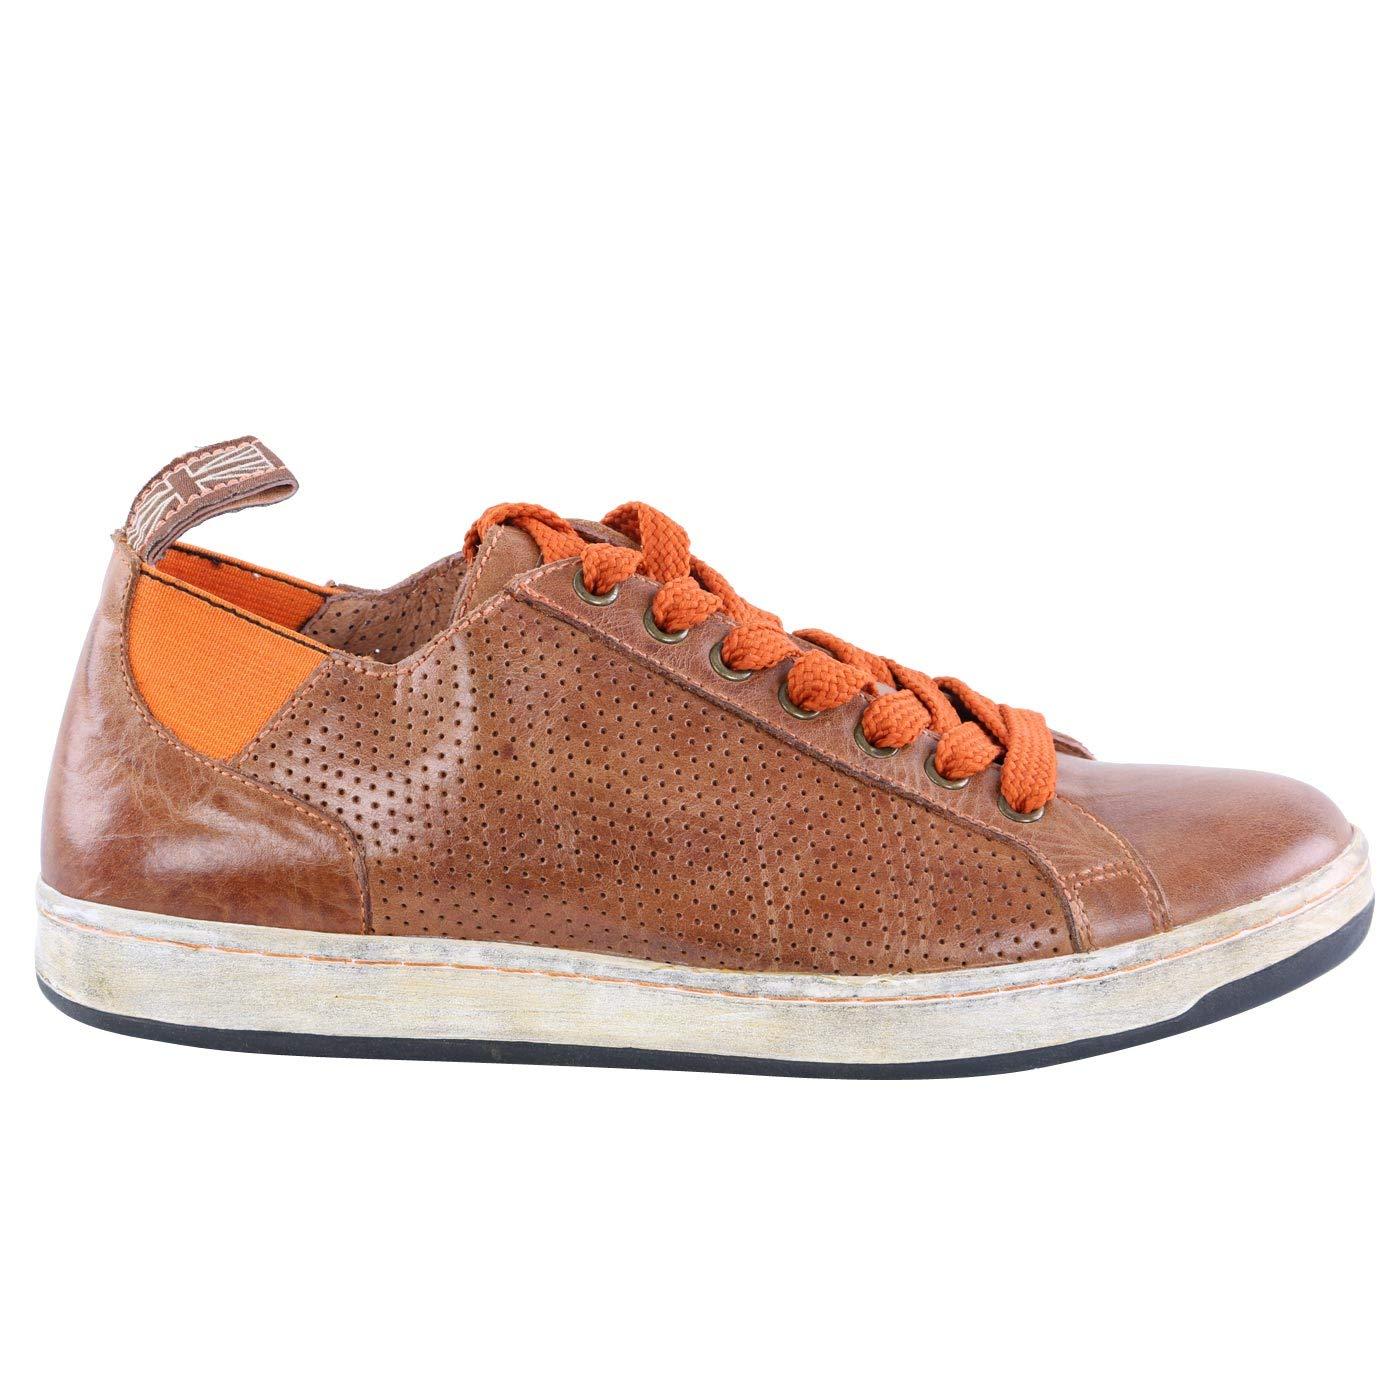 Matchless Damen Leder Turnschuhe Schuhe Brighton Vent Antique Cuero 142040 Größe 37